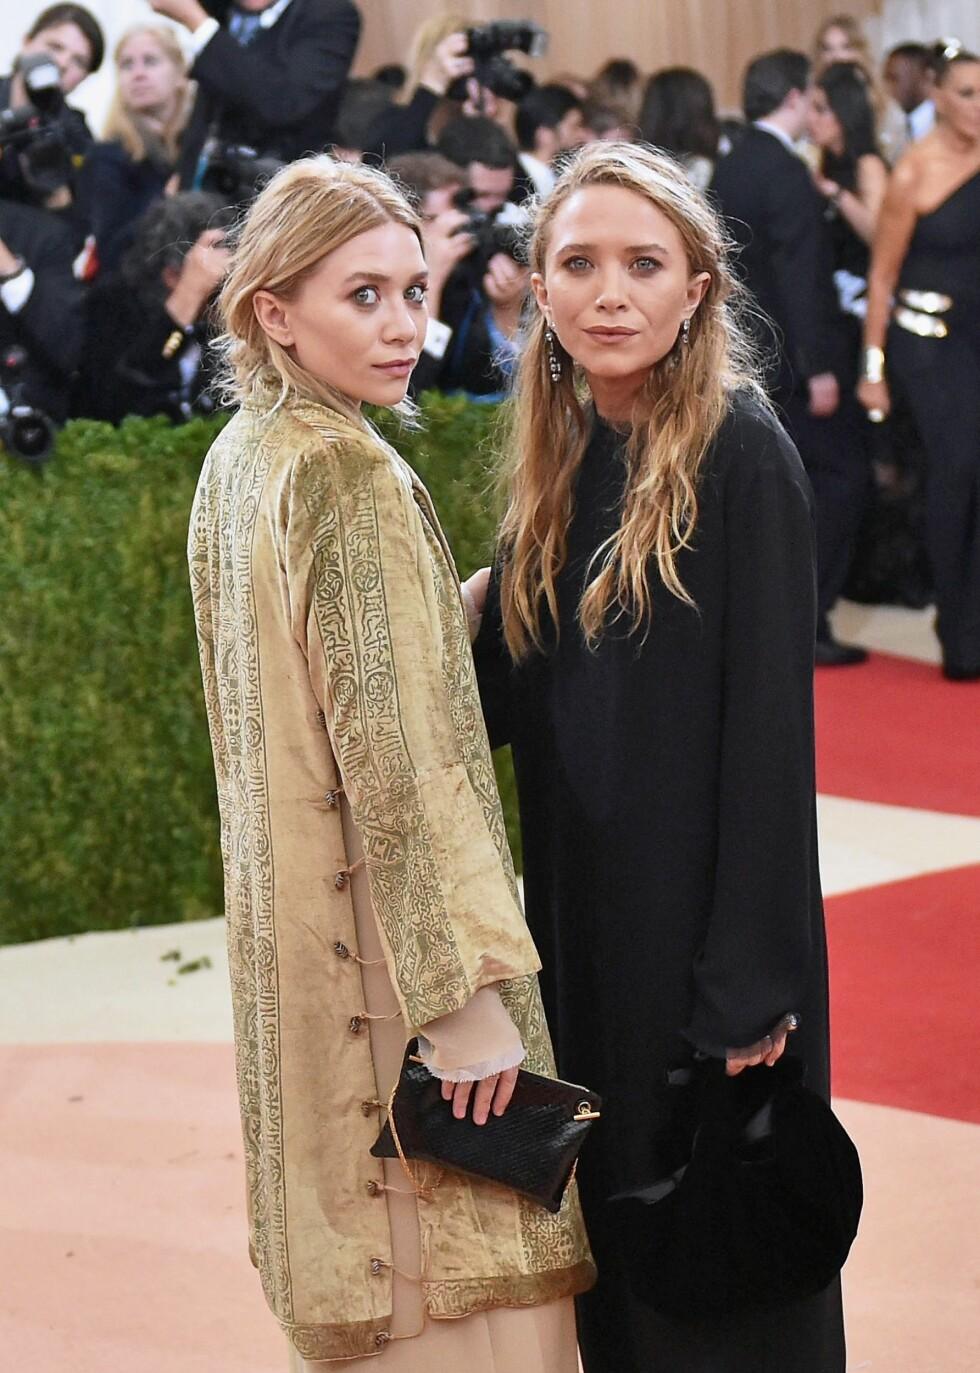 MEKTIG MOTEDUO: Mary-Kate (t.v) og Ashley Olsen er selvskrevne gjester på mange celebre motefester. Her poserer de sammen på Met-gallaen i New York i starten av mai.  Foto: Afp